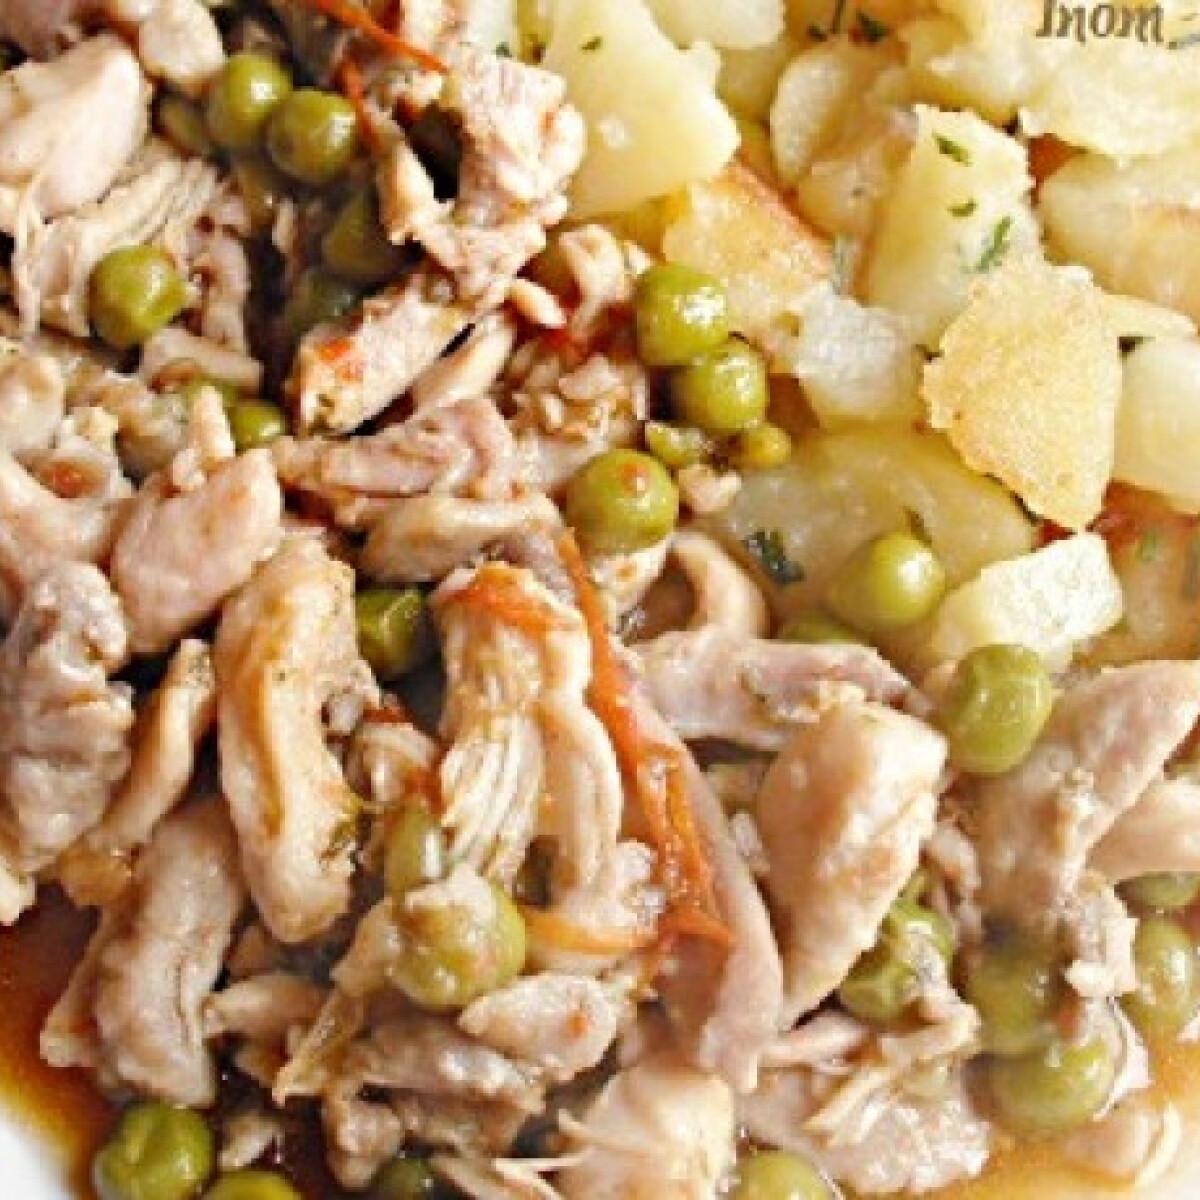 Ezen a képen: Csopaki aprópecsenye Inom konyhájából